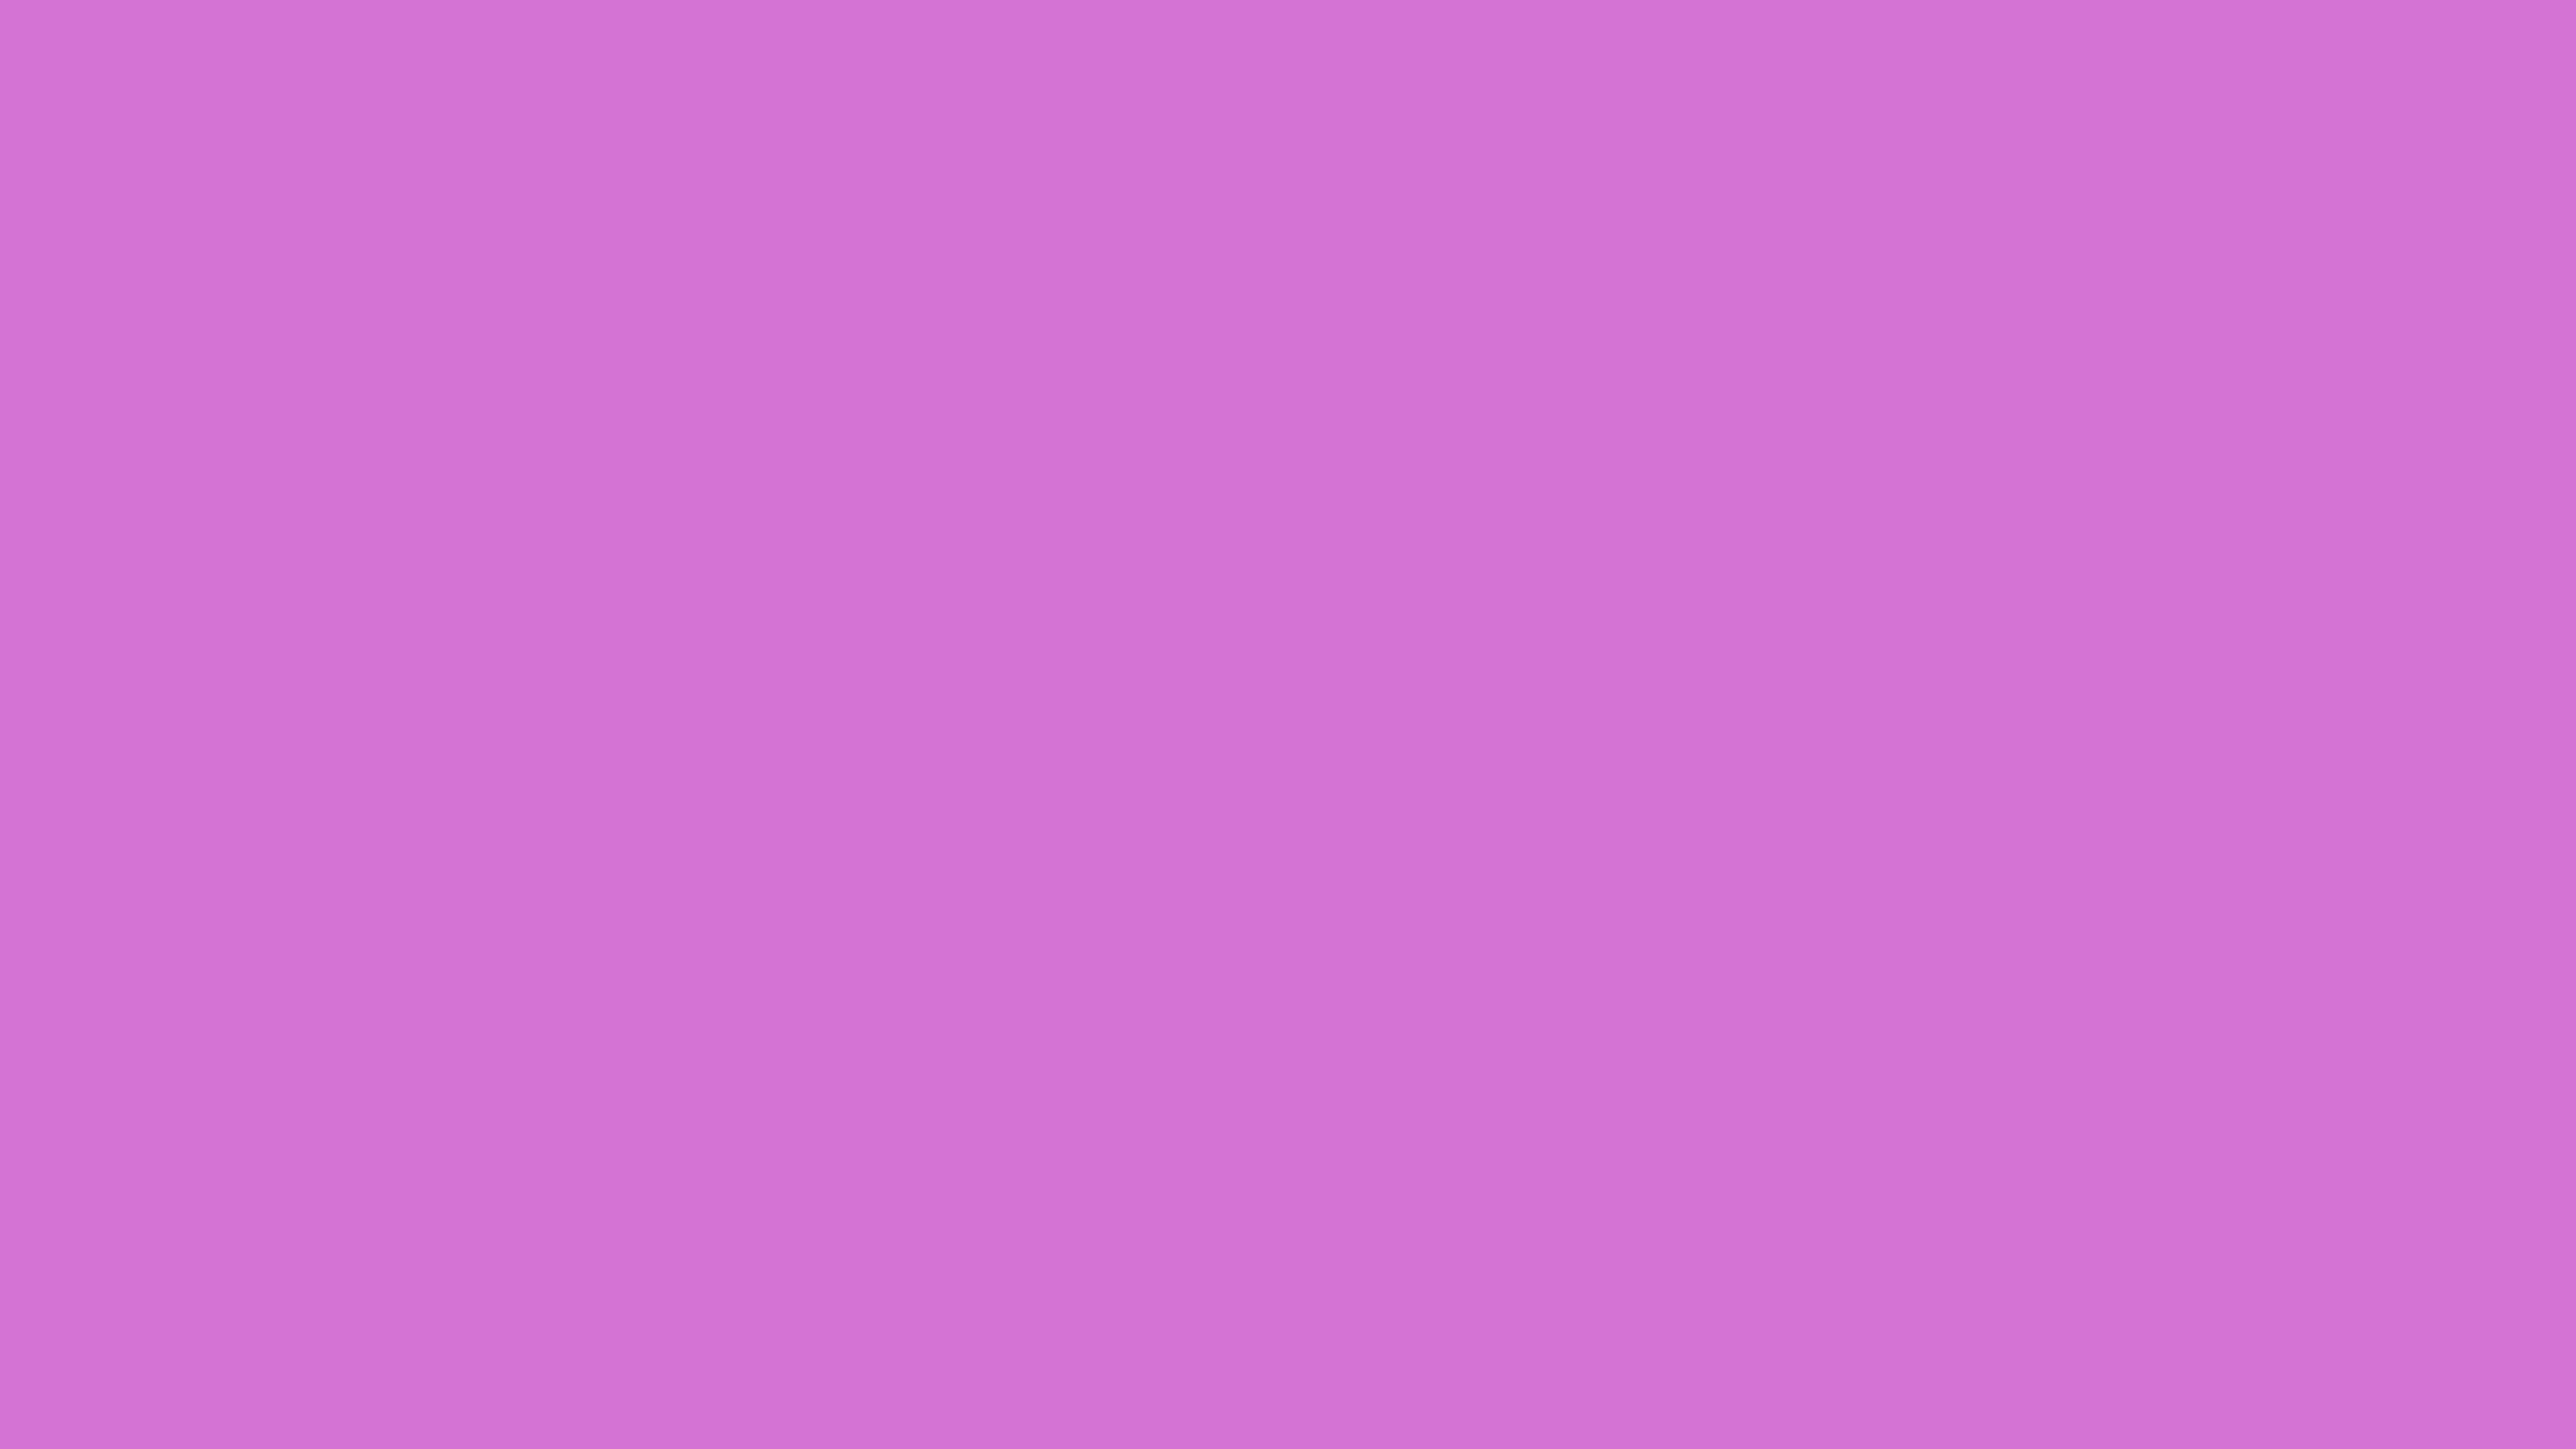 7680x4320 Deep Mauve Solid Color Background